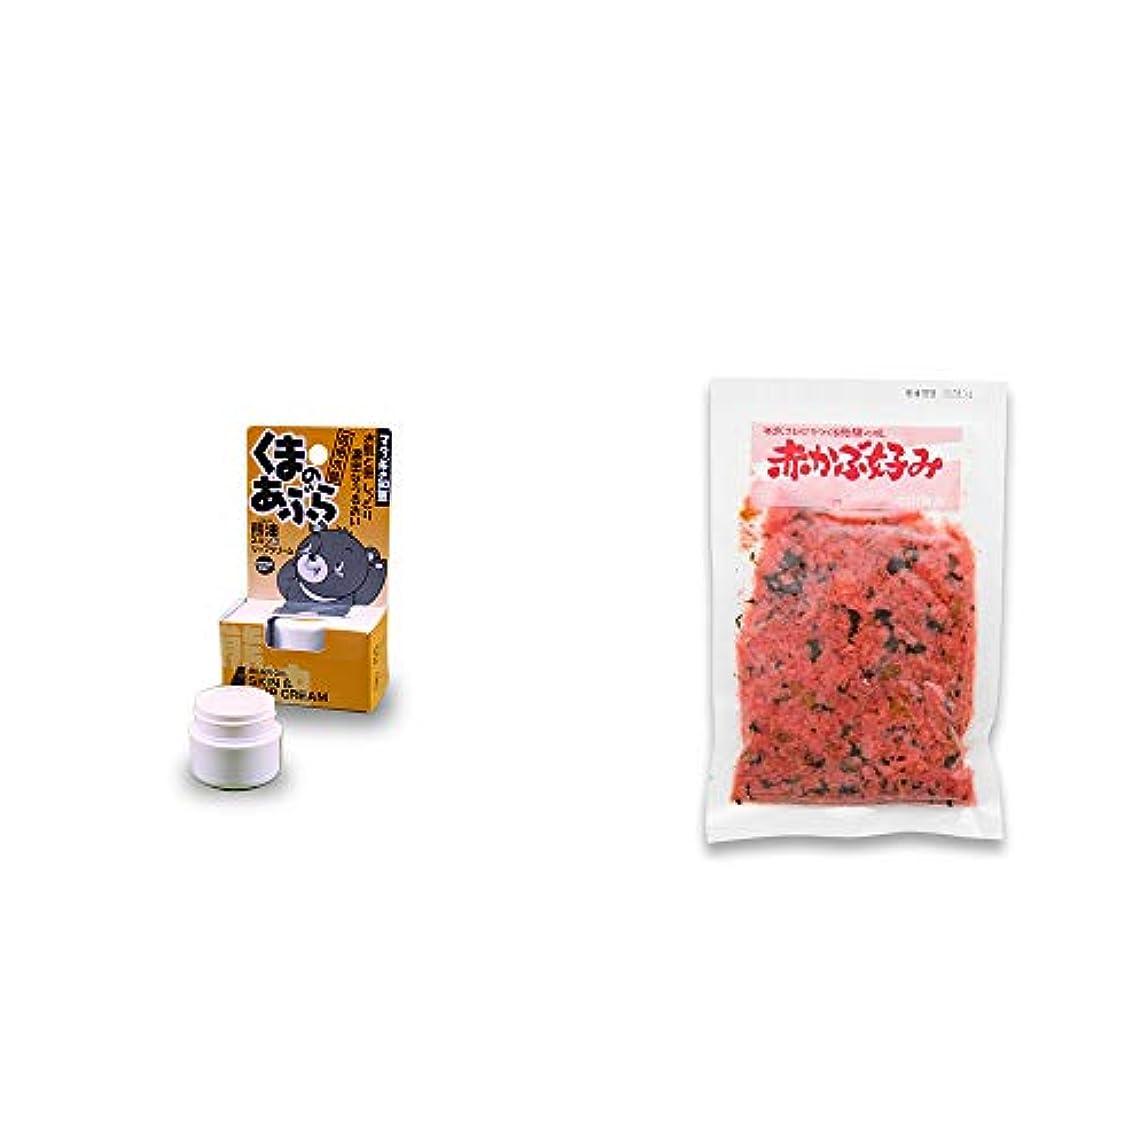 アーティスト降雨反乱[2点セット] 信州木曽 くまのあぶら 熊油スキン&リップクリーム(9g)?赤かぶ好み(150g)